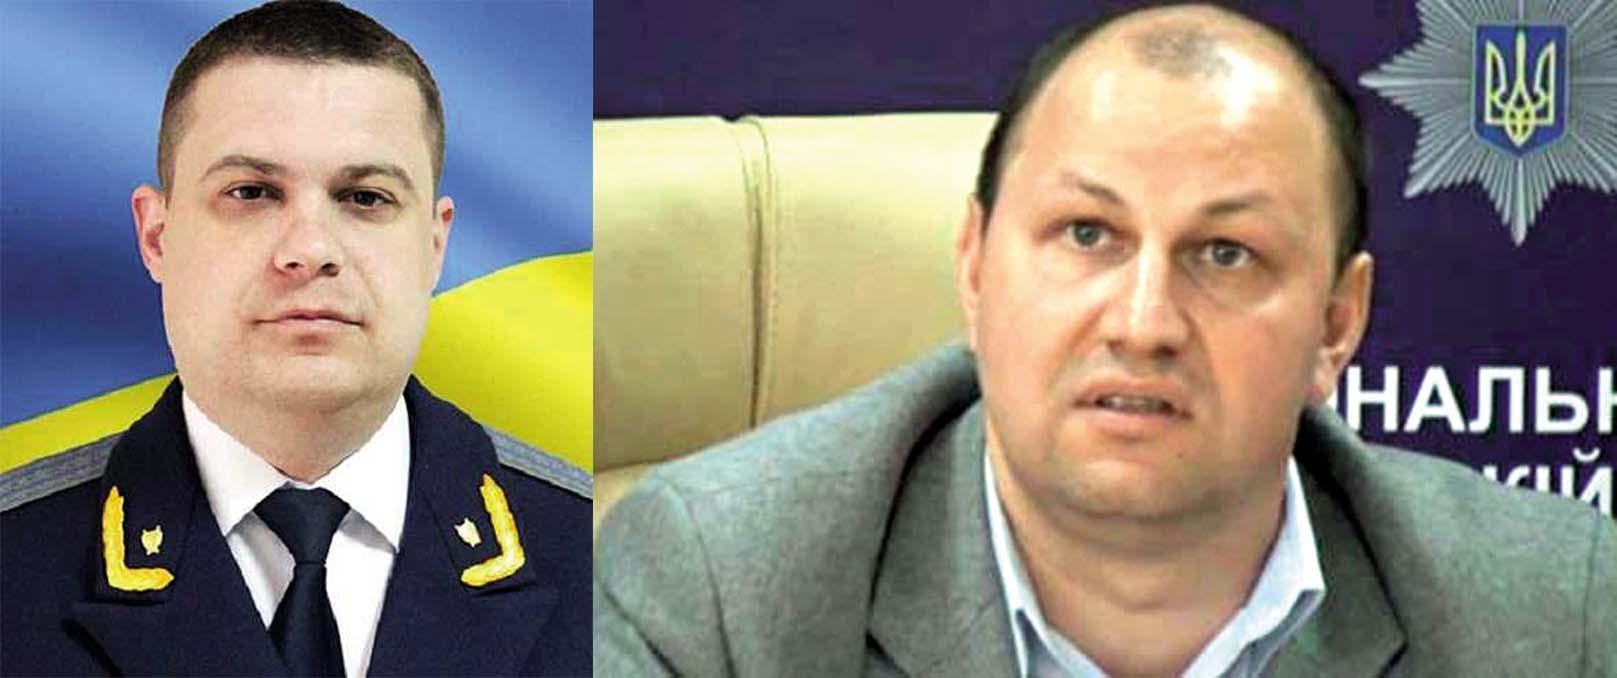 Екс-прокурор та начальник поліції з Вінниччини претендують на керівника ДБР